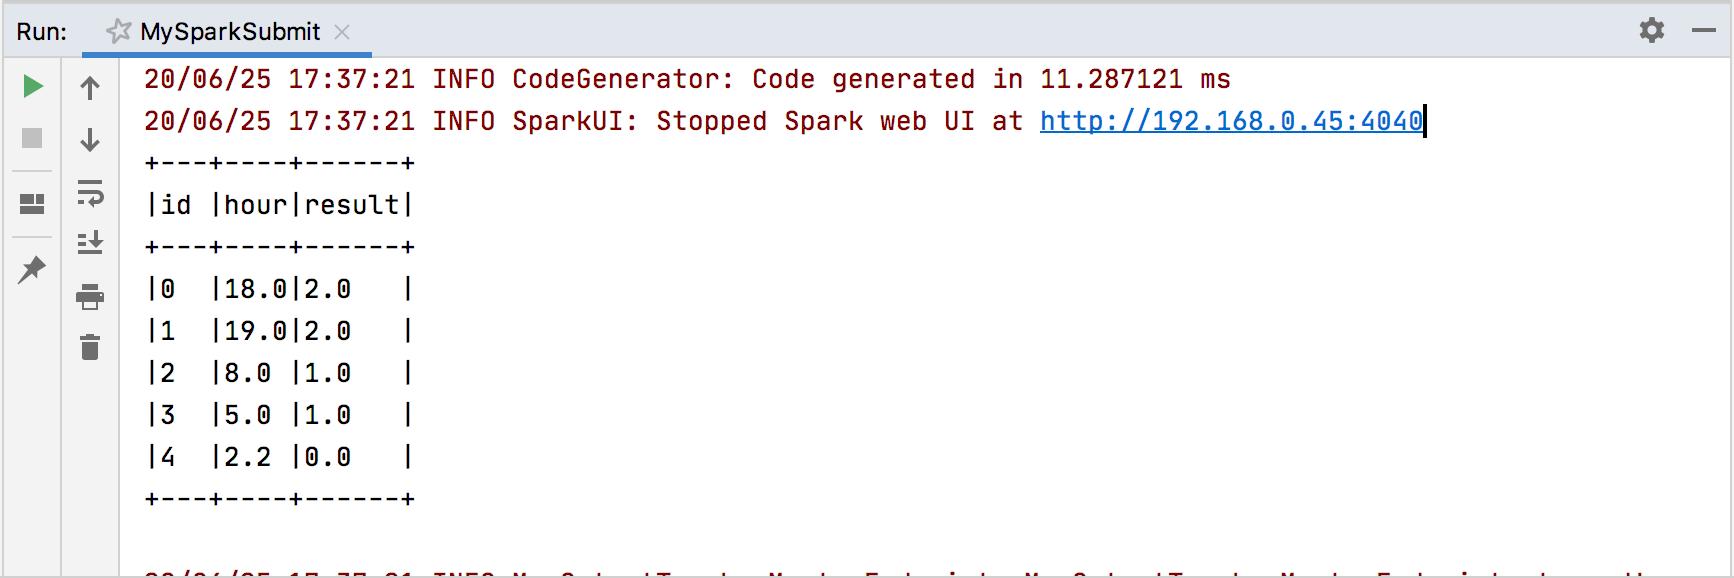 Running a Spark applicaion